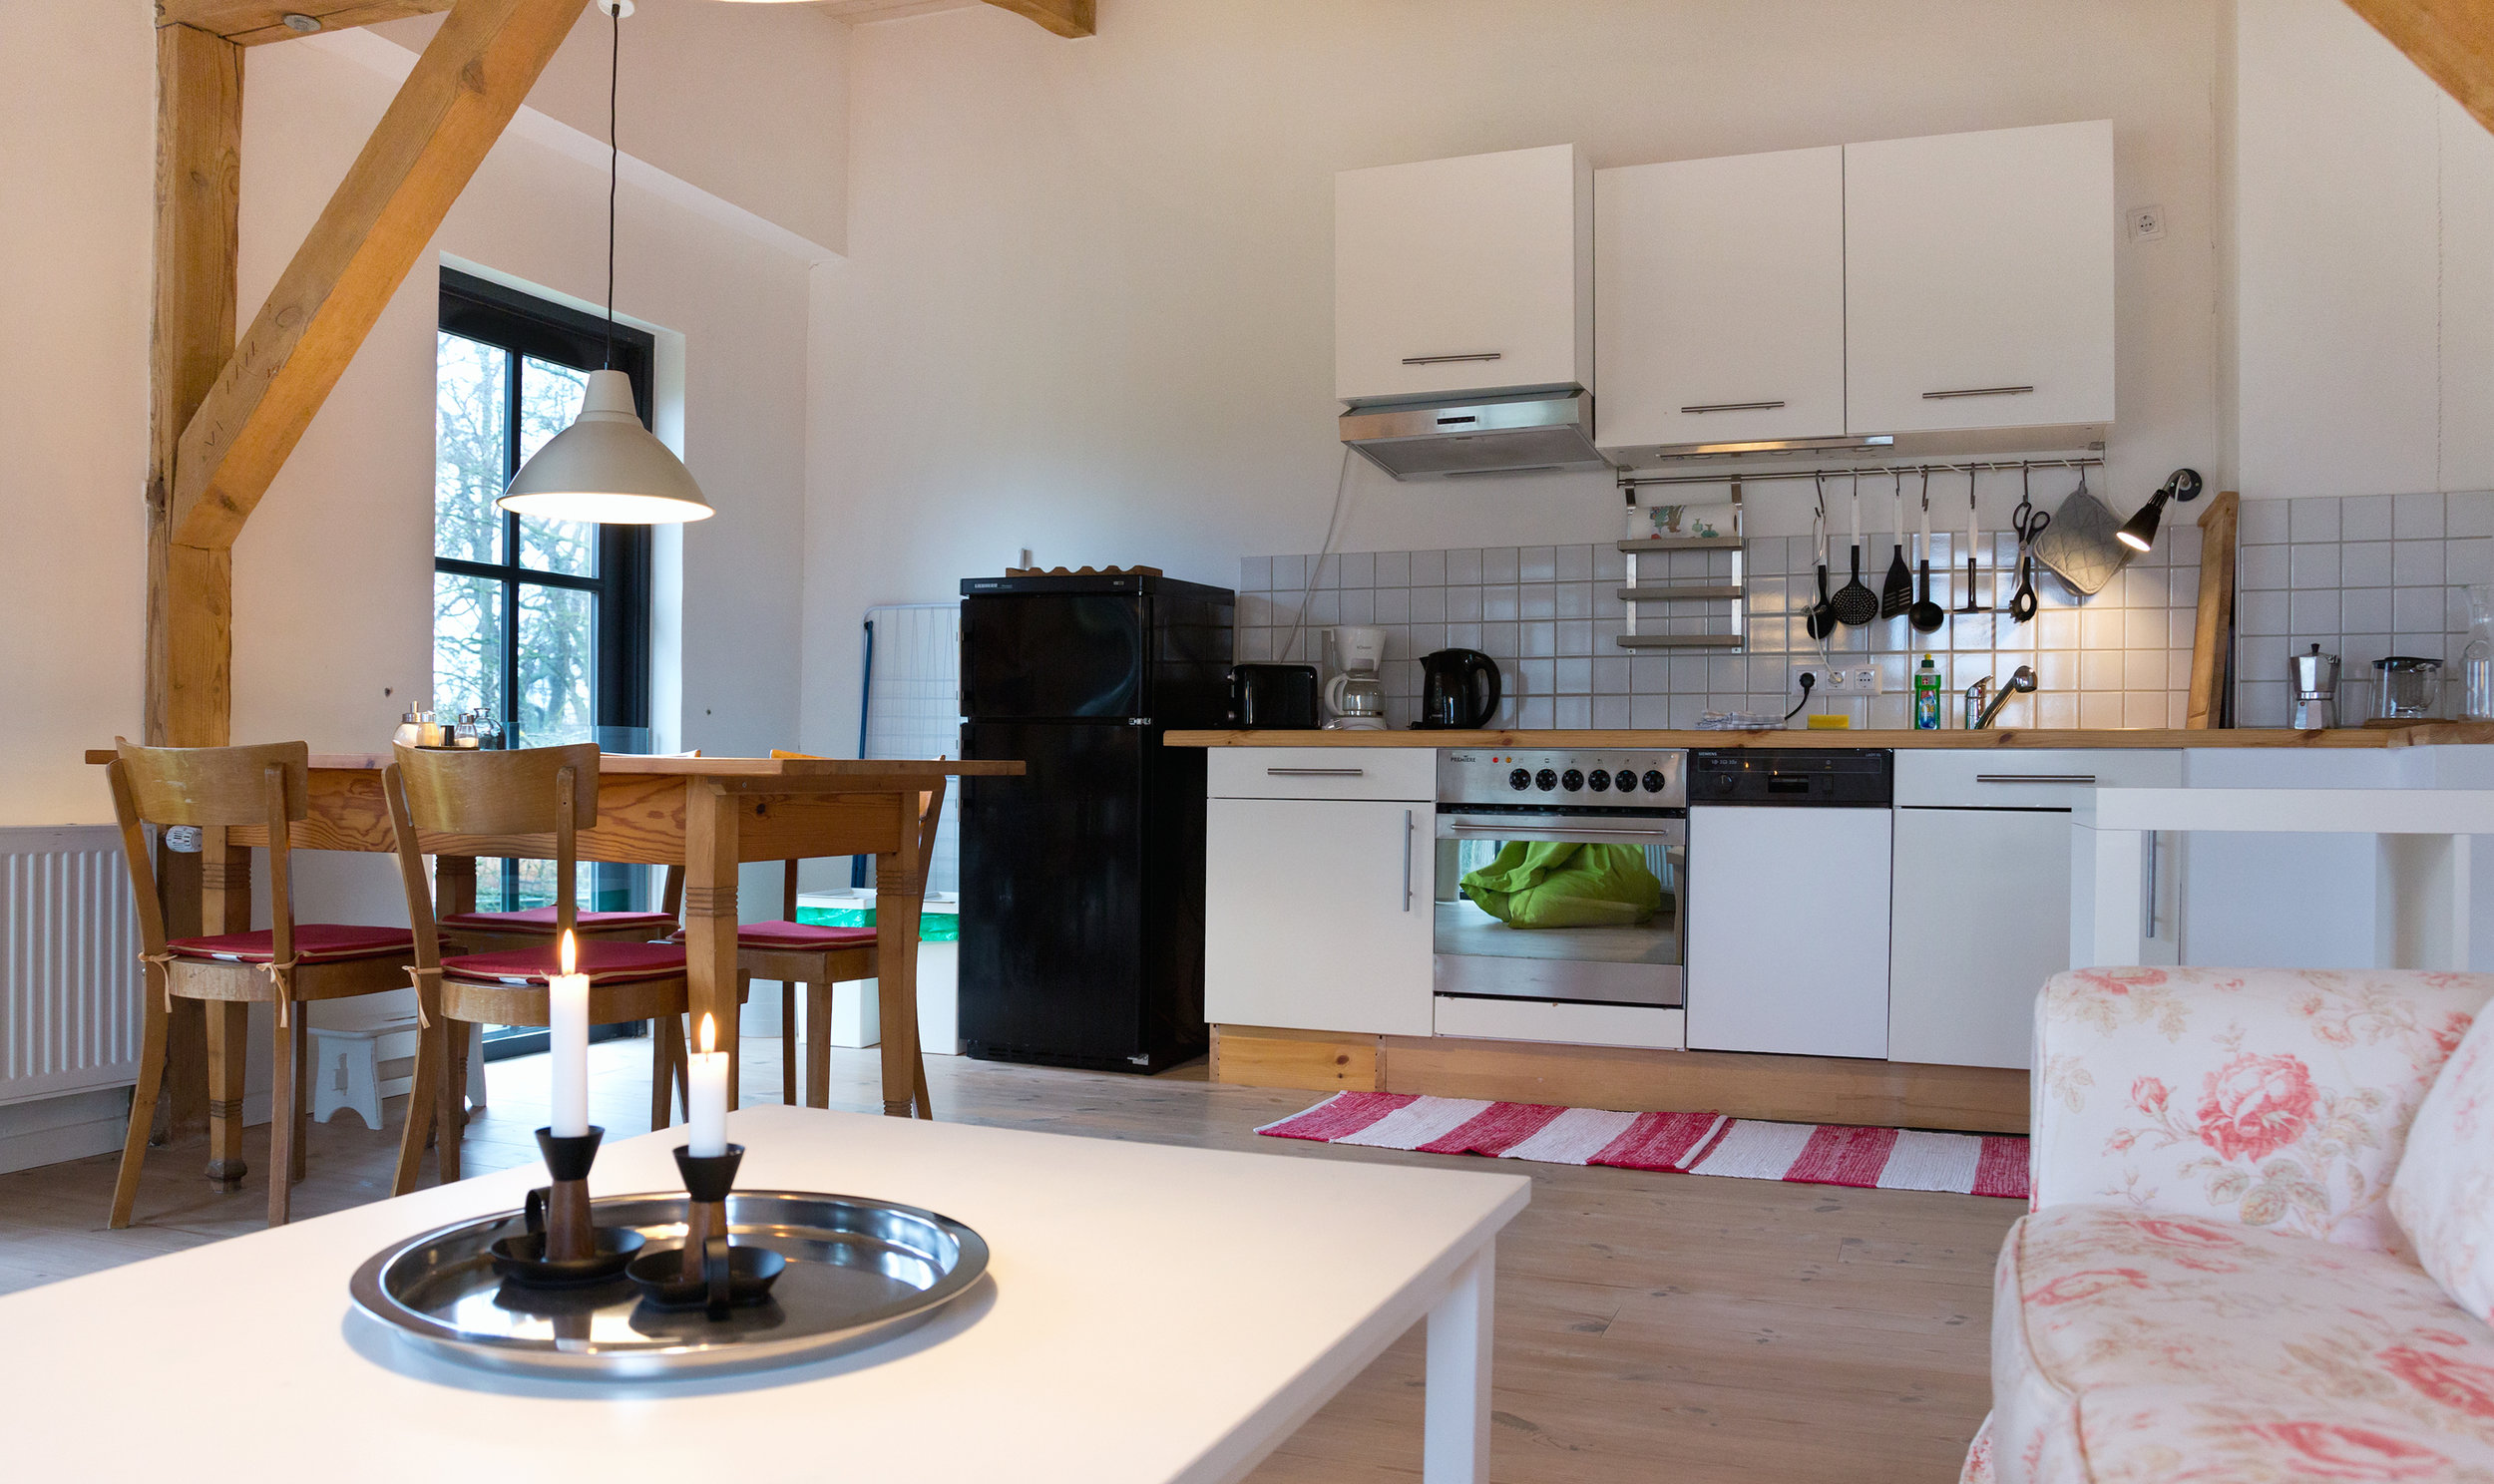 Küchenzeile im großen Wohnraum